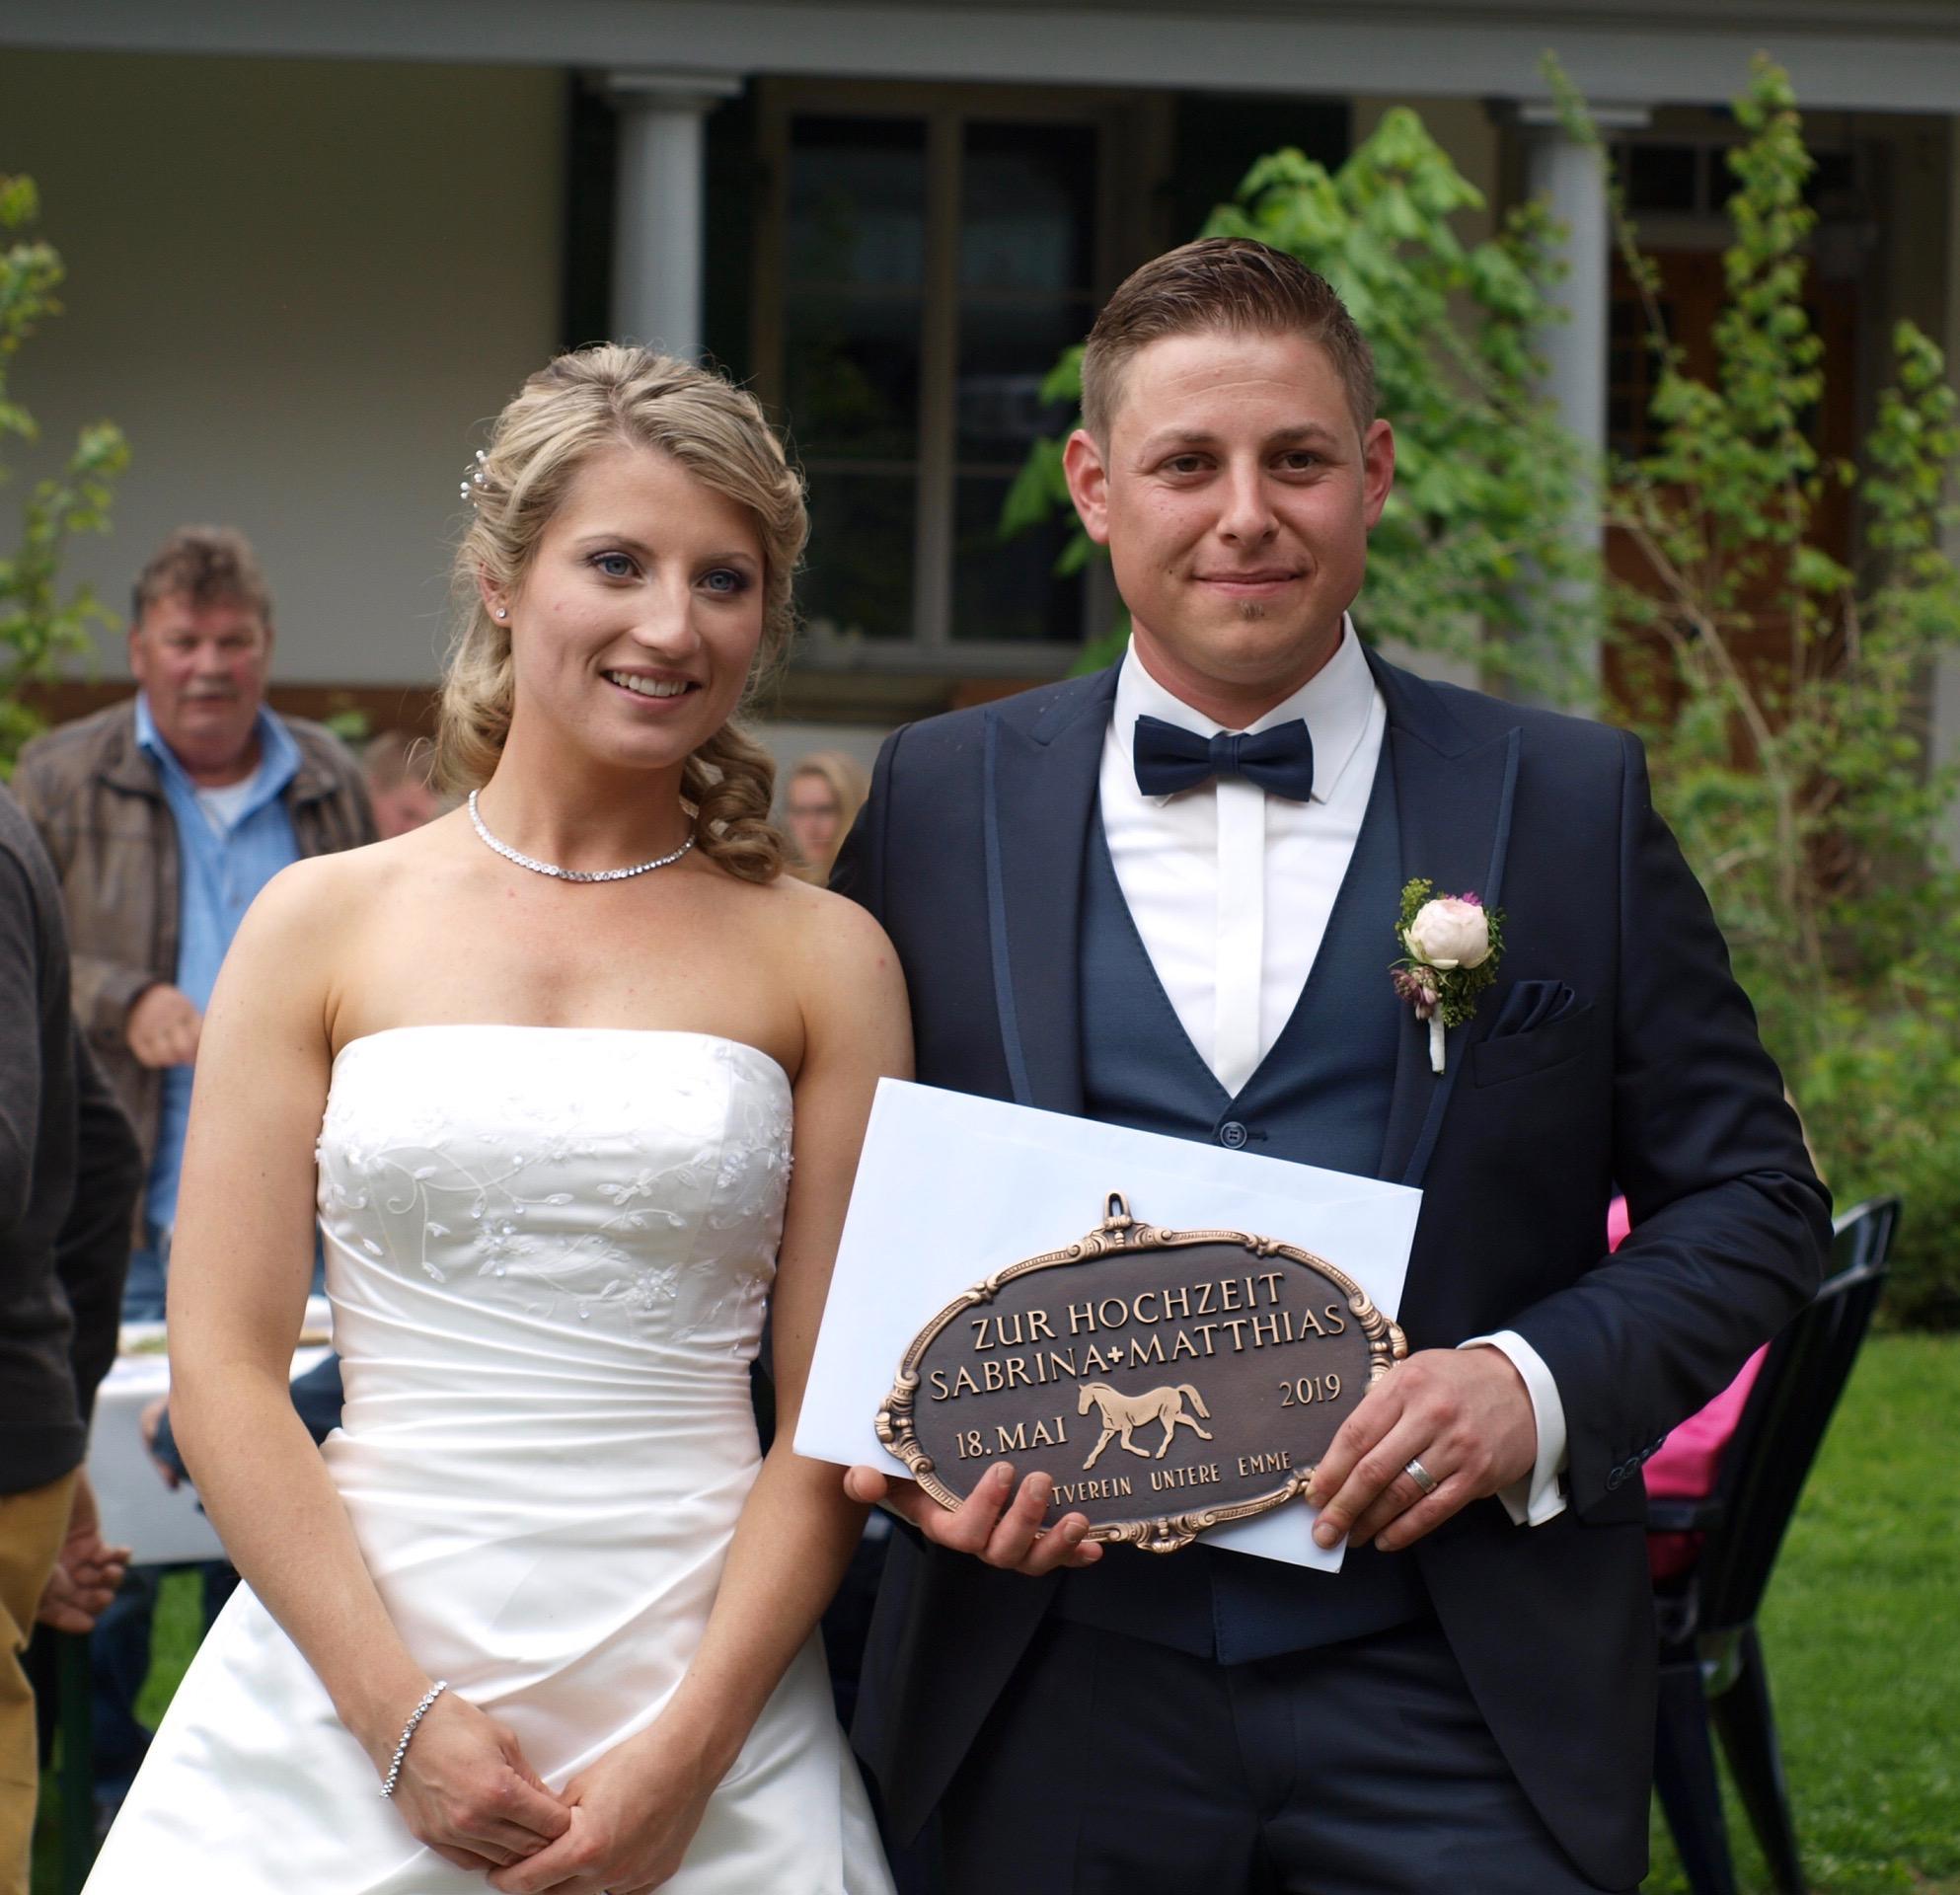 Hochzeitspaar mit Plakette